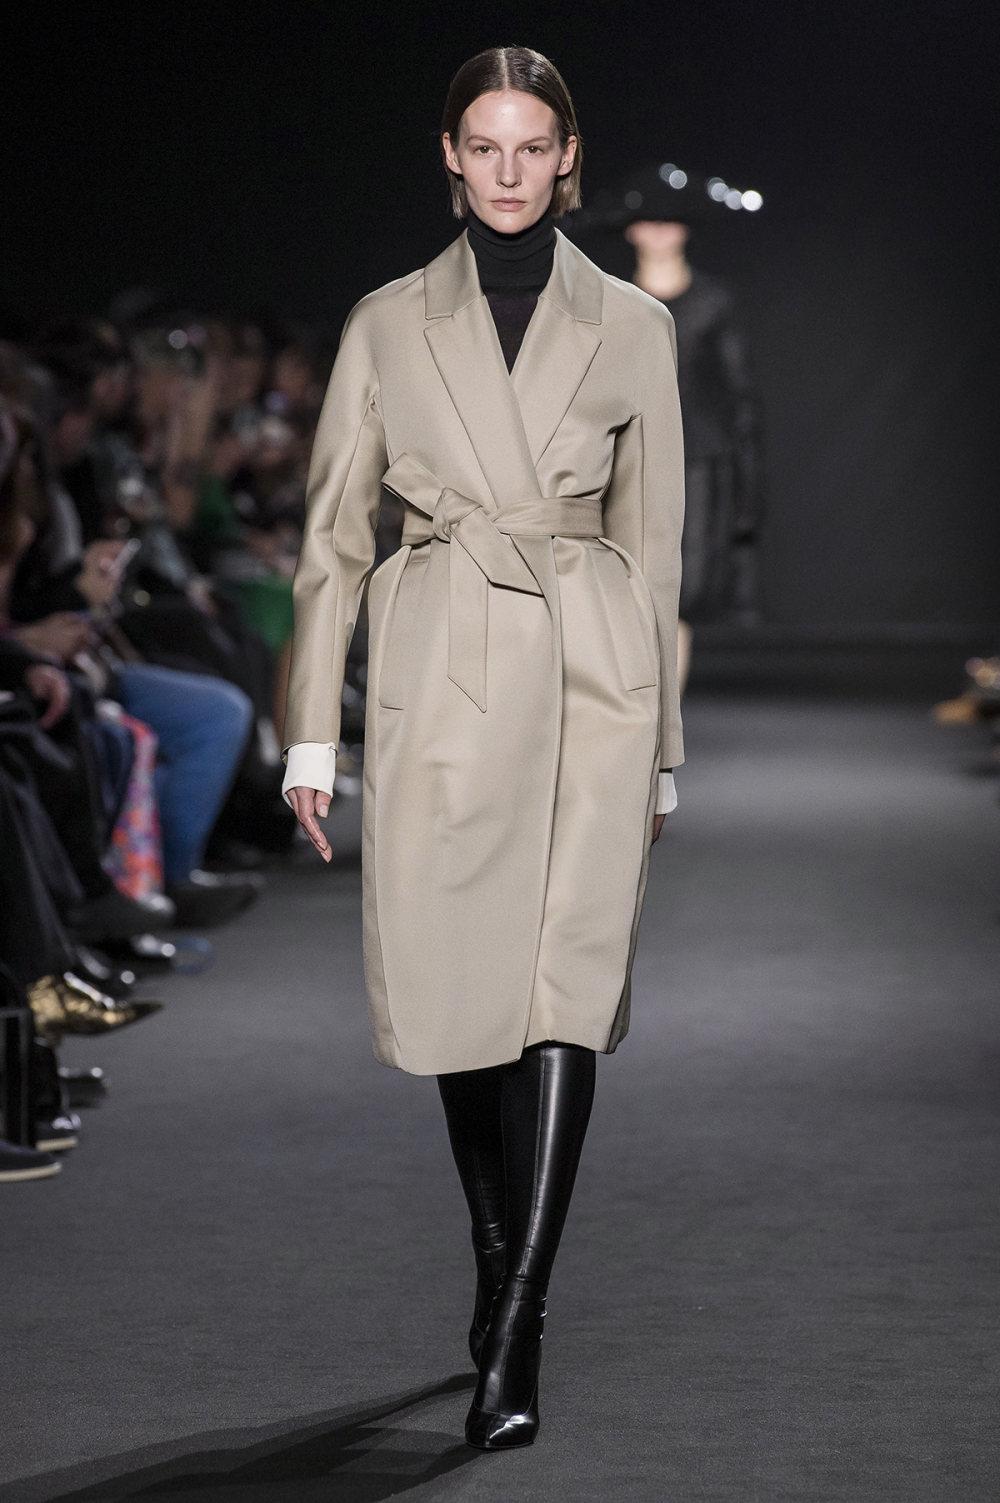 Rochas时装系列黑色无领斜纹软呢褶皱的黑色裙身饰有超细短袖衬衫-16.jpg